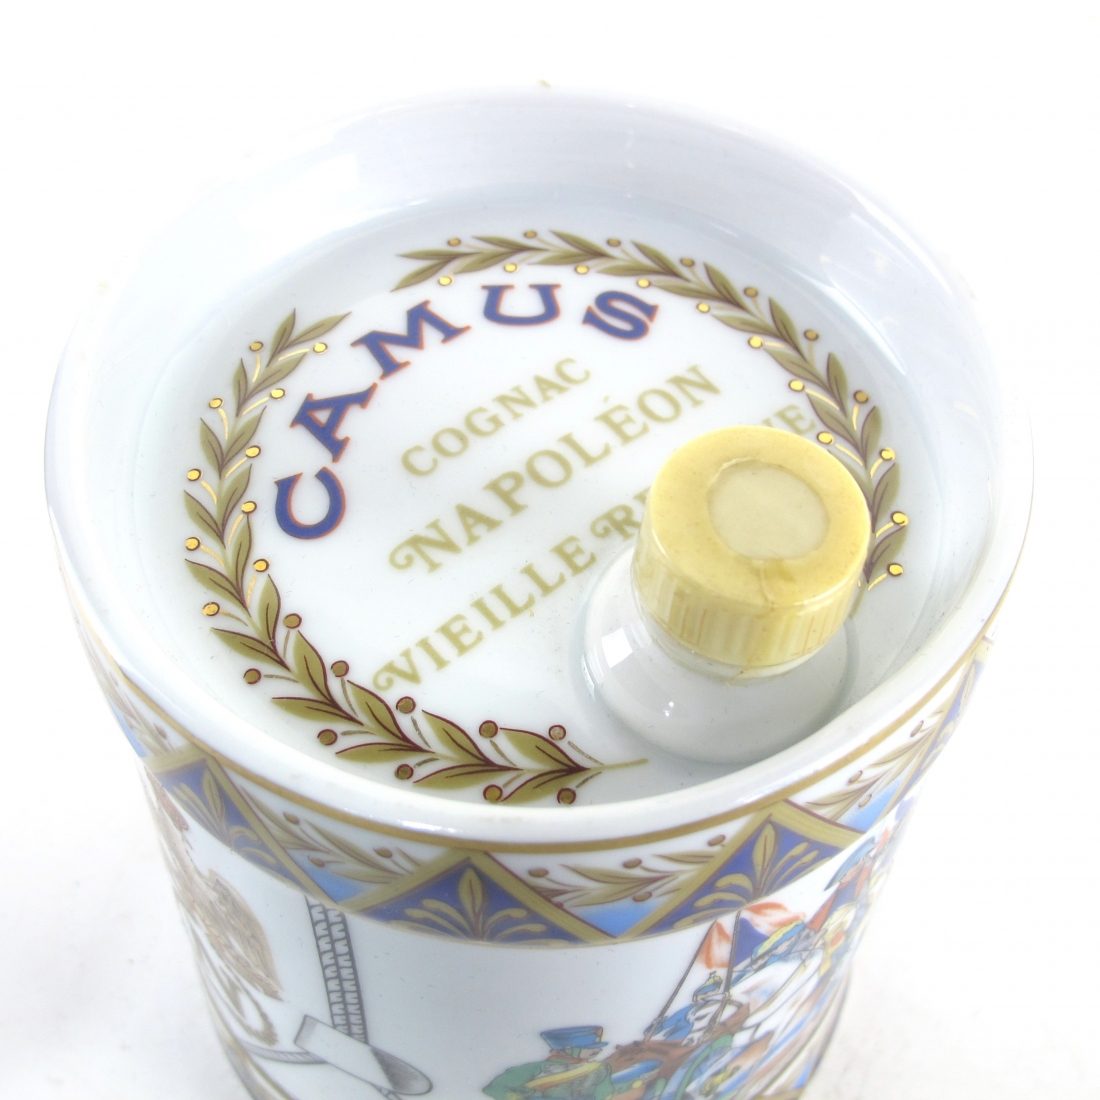 Camus Napoleon Cognac Decanter 1970s